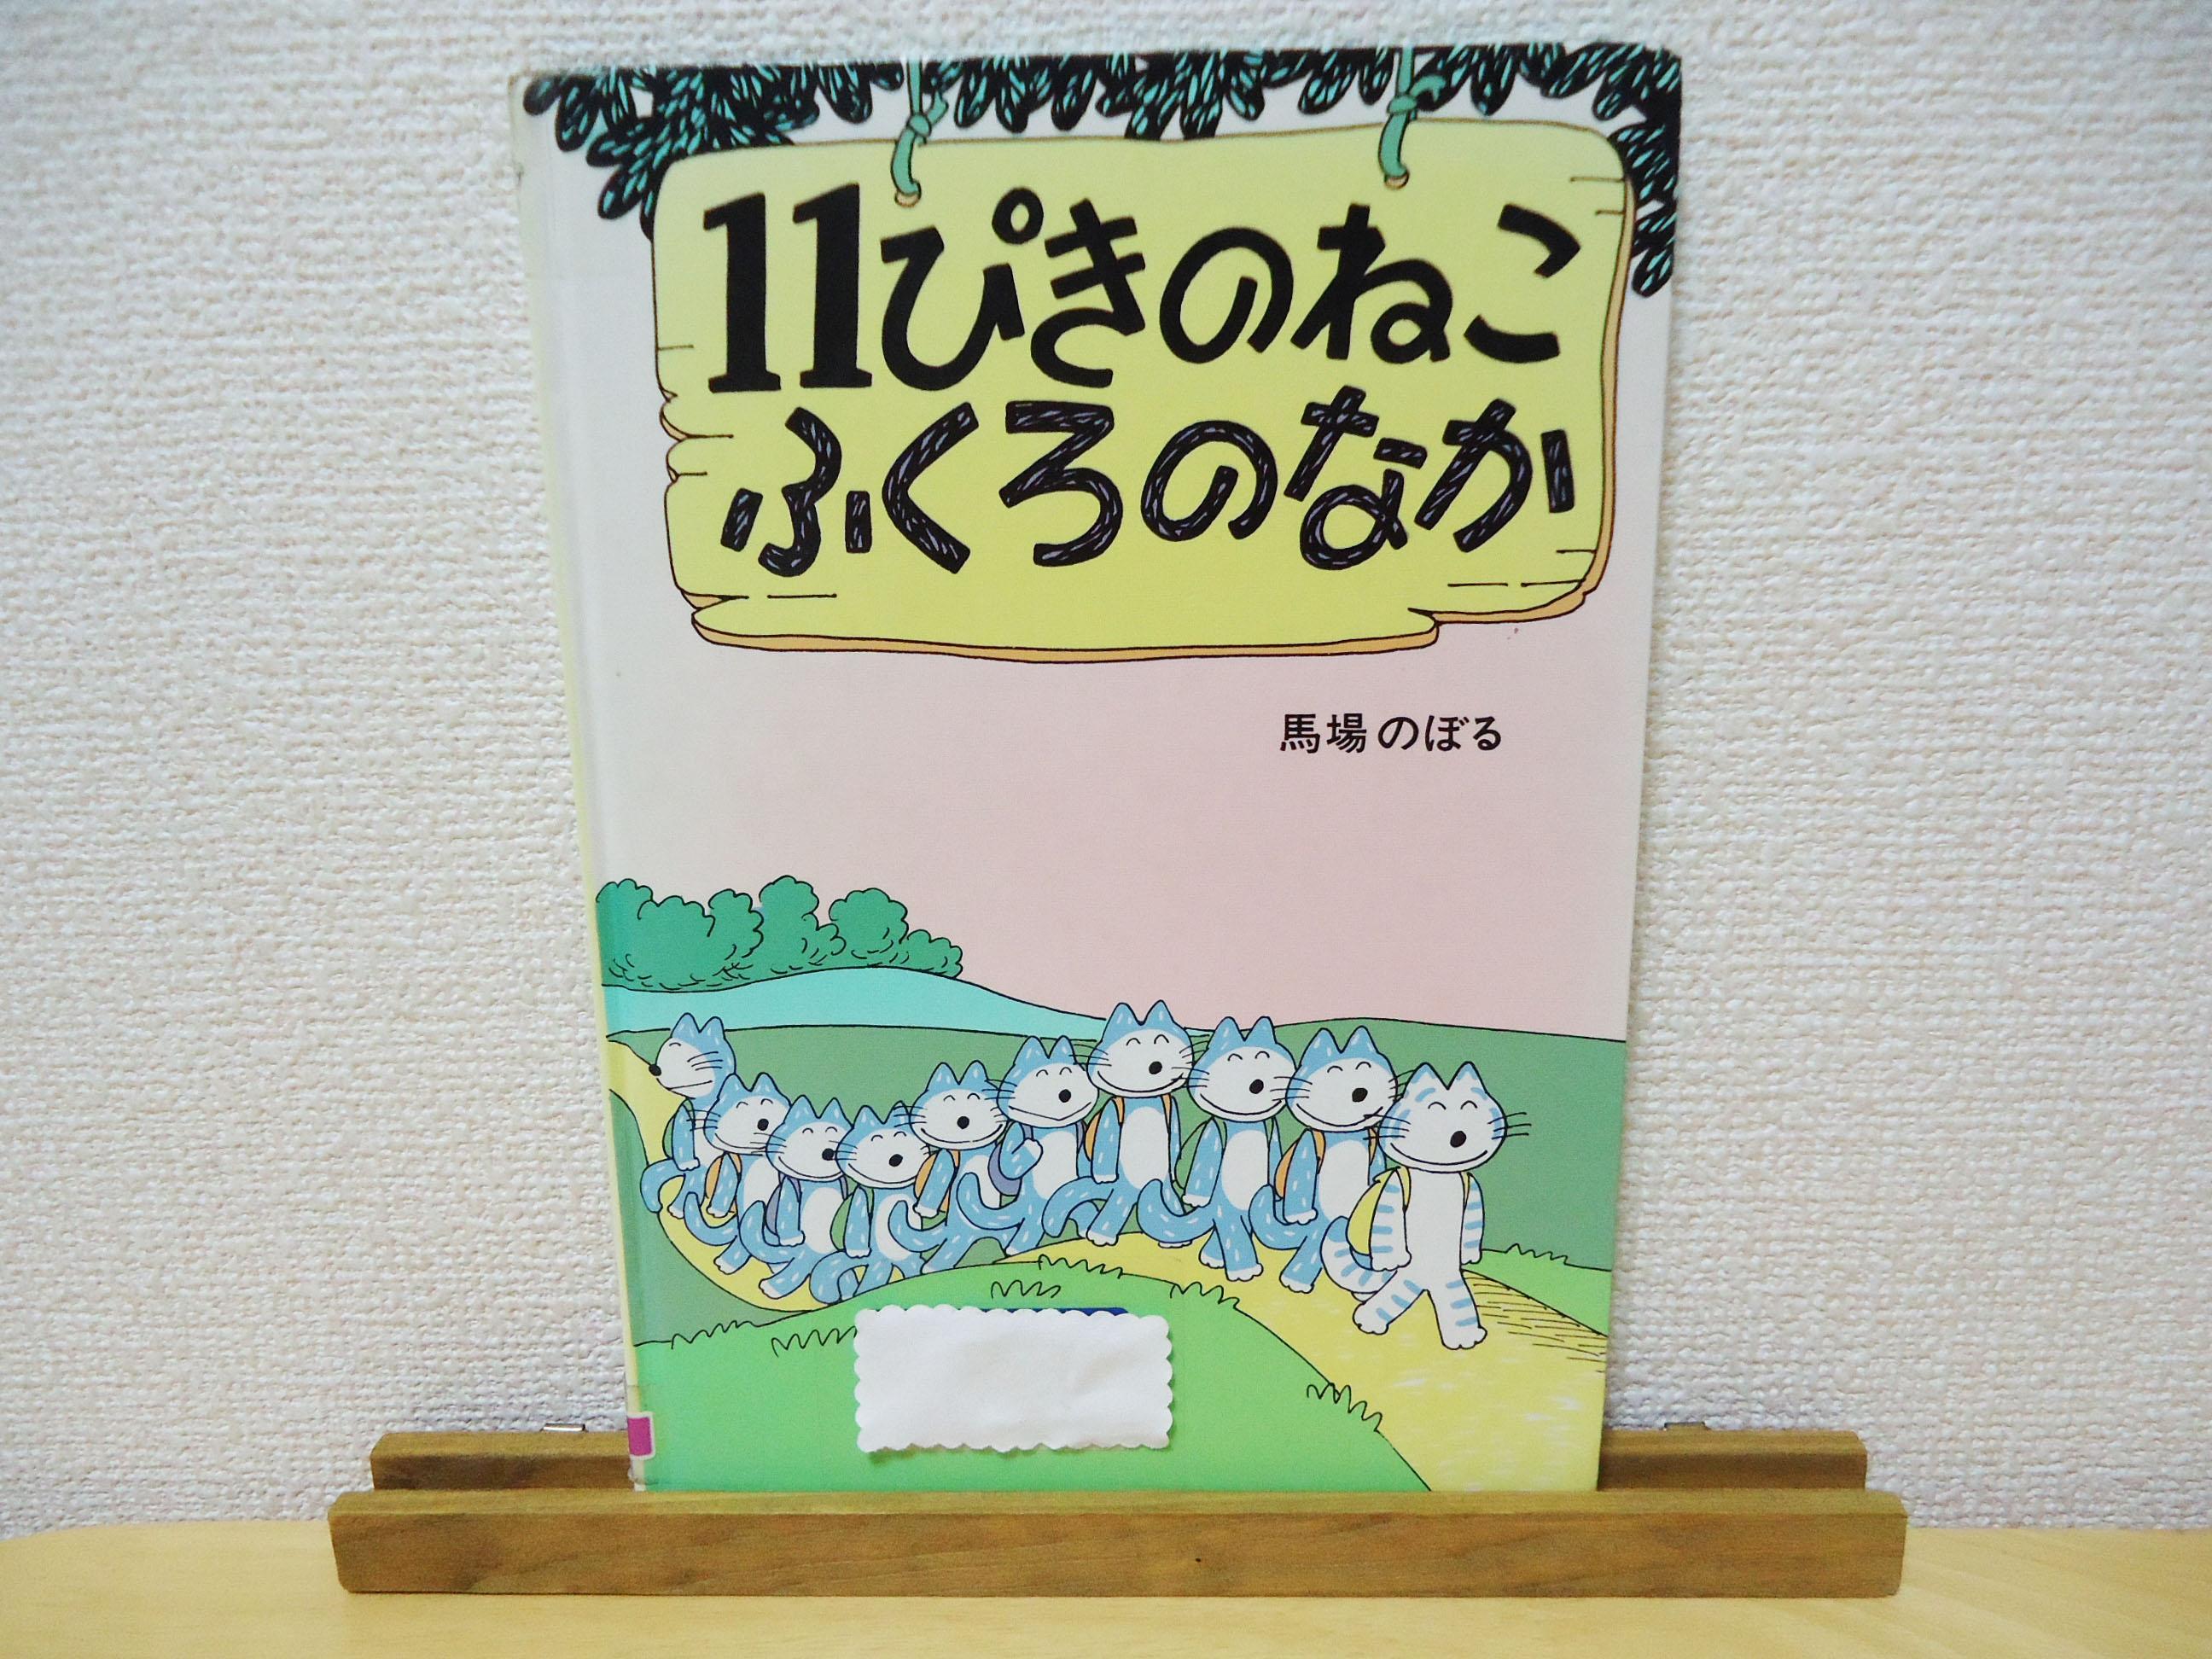 [絵本]『11ぴきのねこふくろのなか』一度見たら忘れられないウヒアハのお話